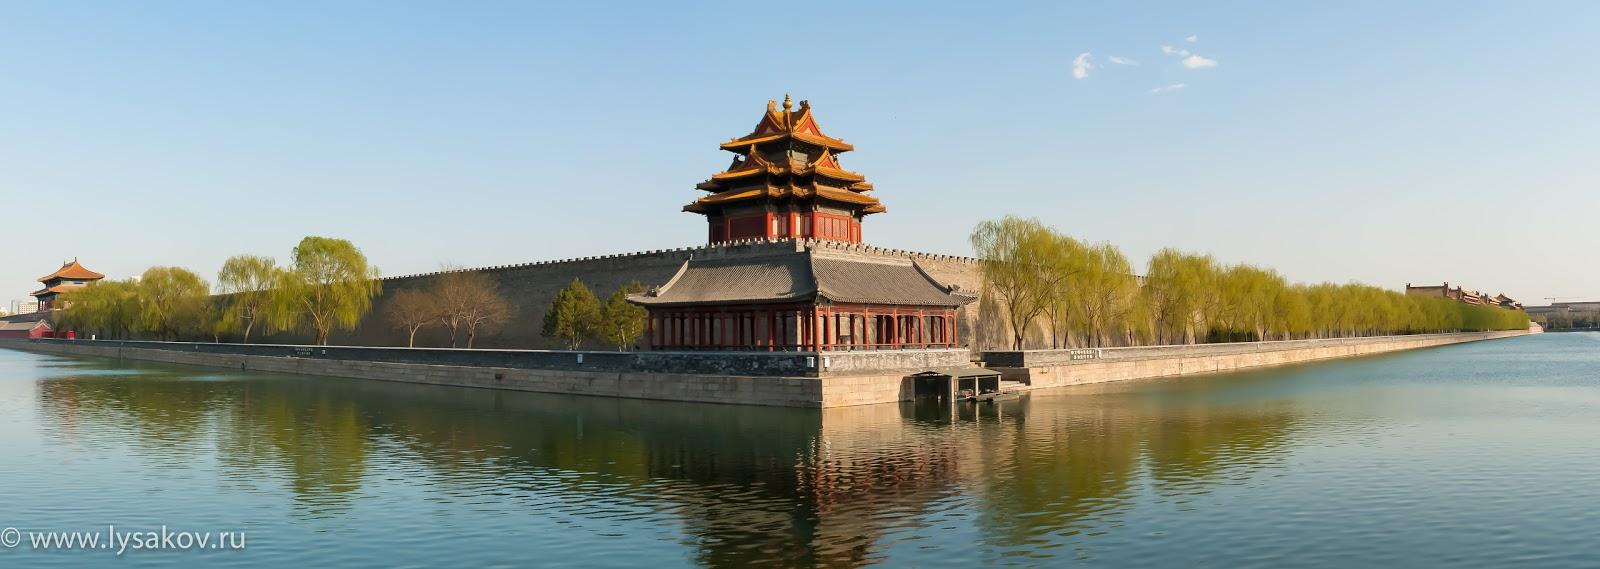 Пекин Запретный город